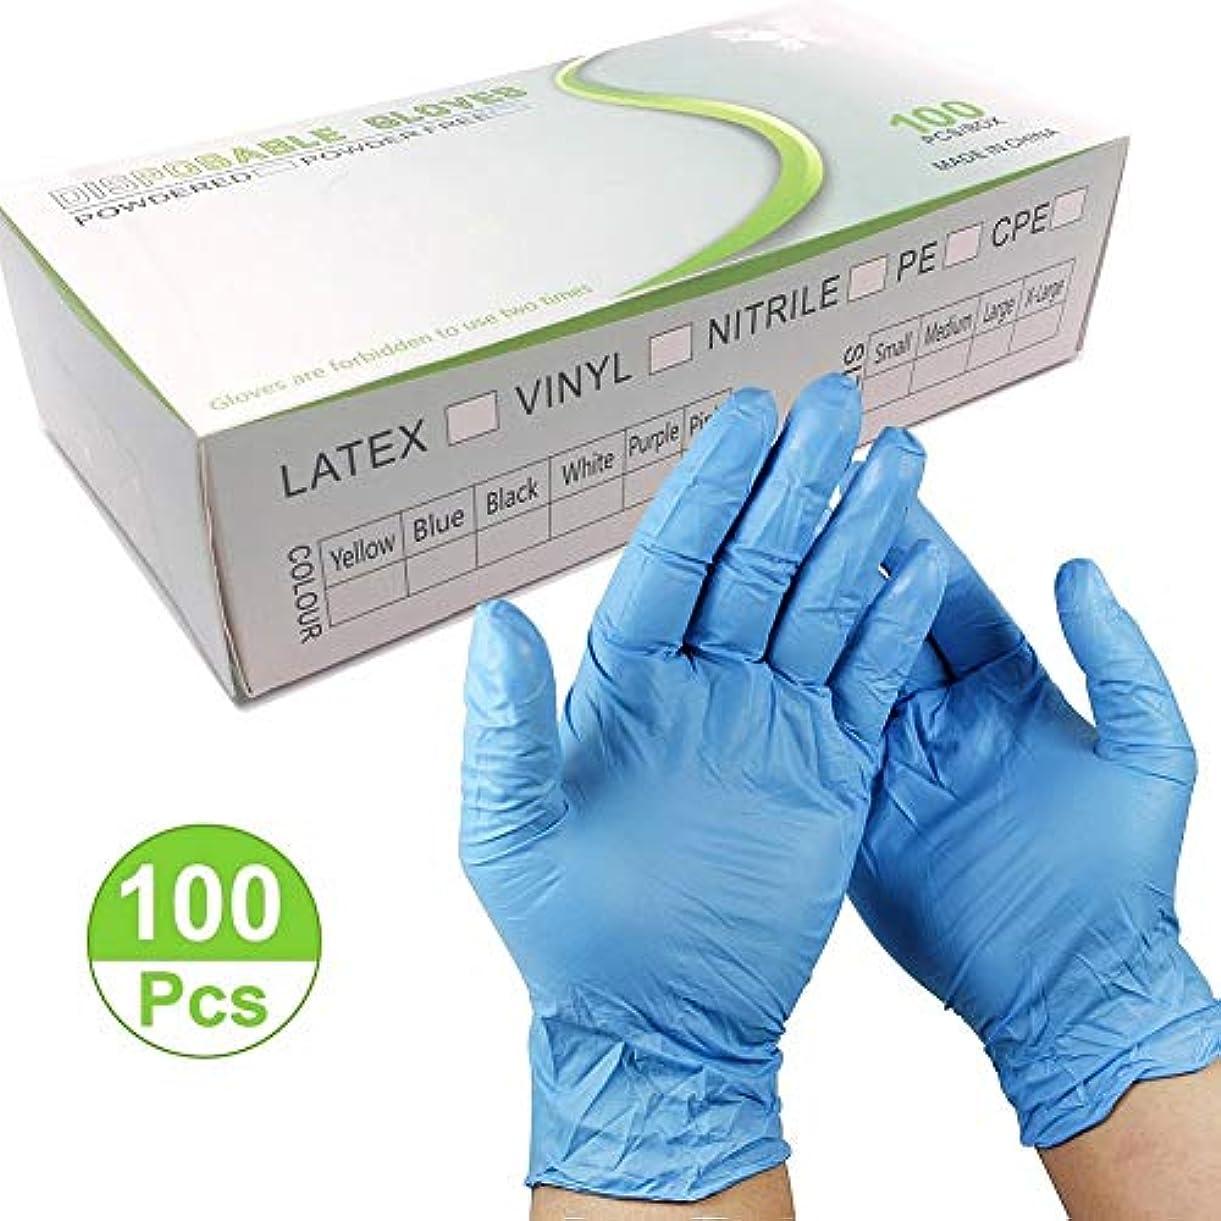 かみそり与える常識子供用 ニトリル手袋 使い捨て手袋 子供用 皮膚アレルギーや刺激を防ぎます クラフト、塗装、ガーデニング、料理、クリーニング (100枚、ブルー)